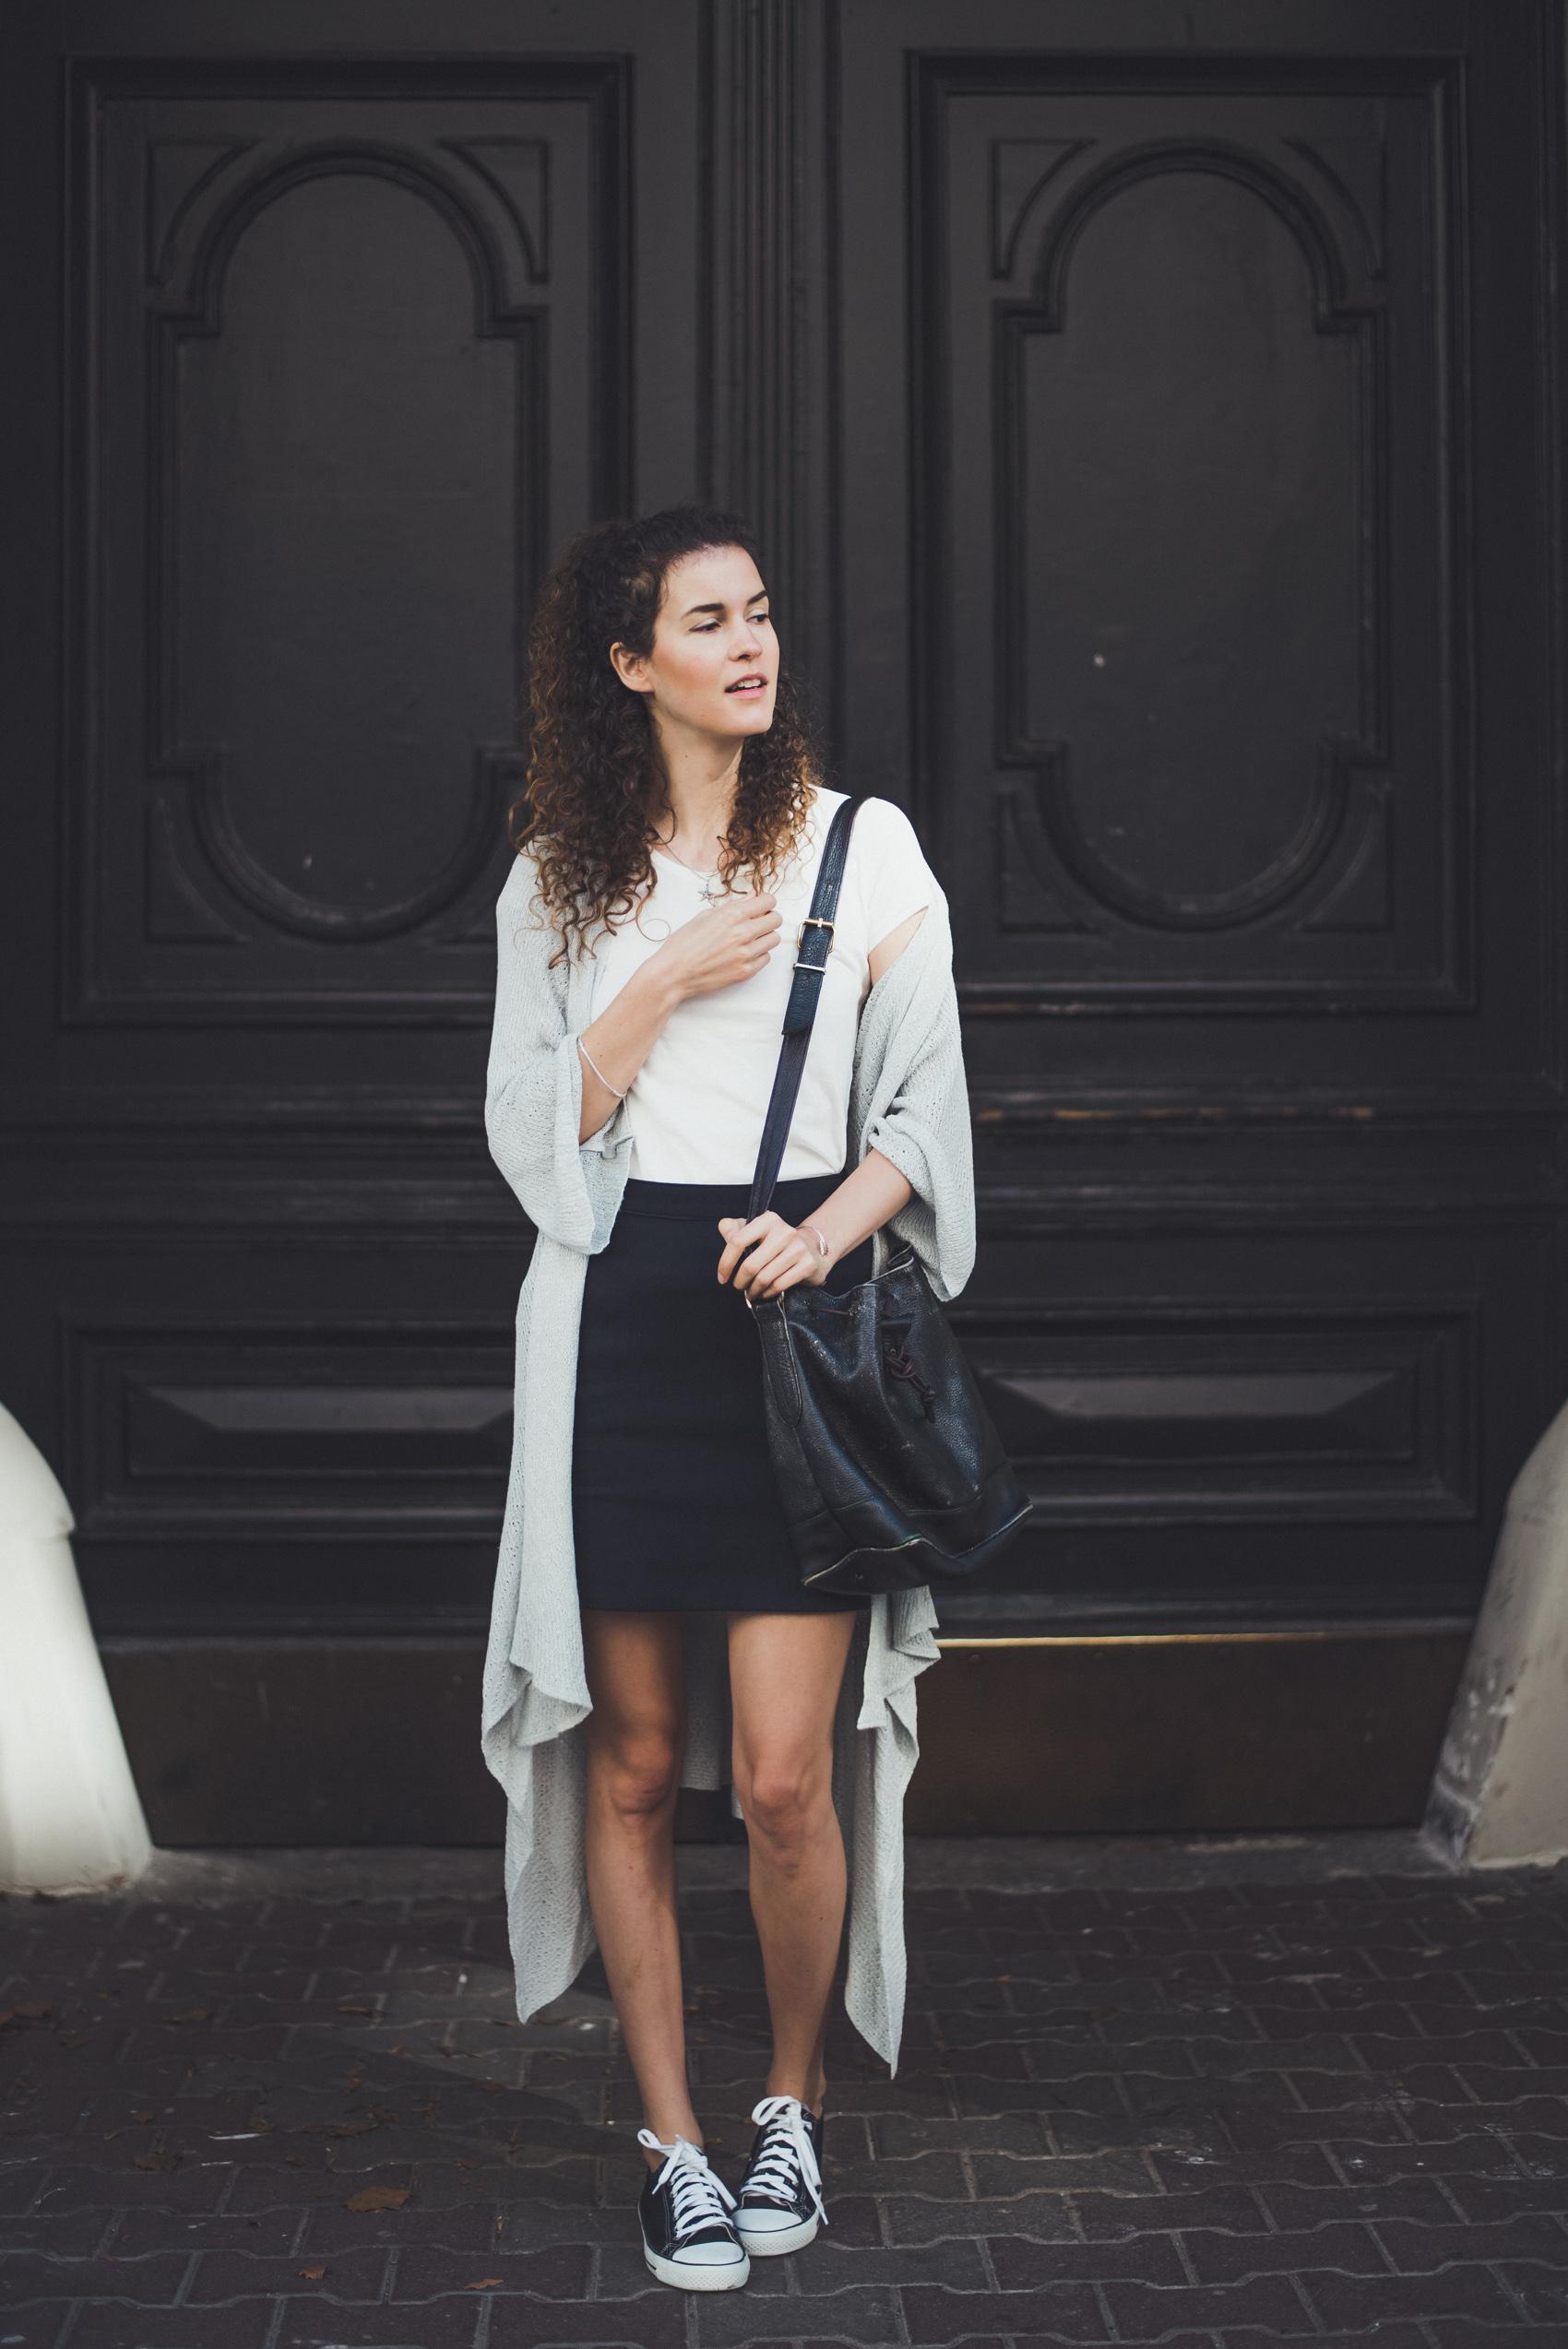 maas-natur-fair-fashion-outfit-1-of-8